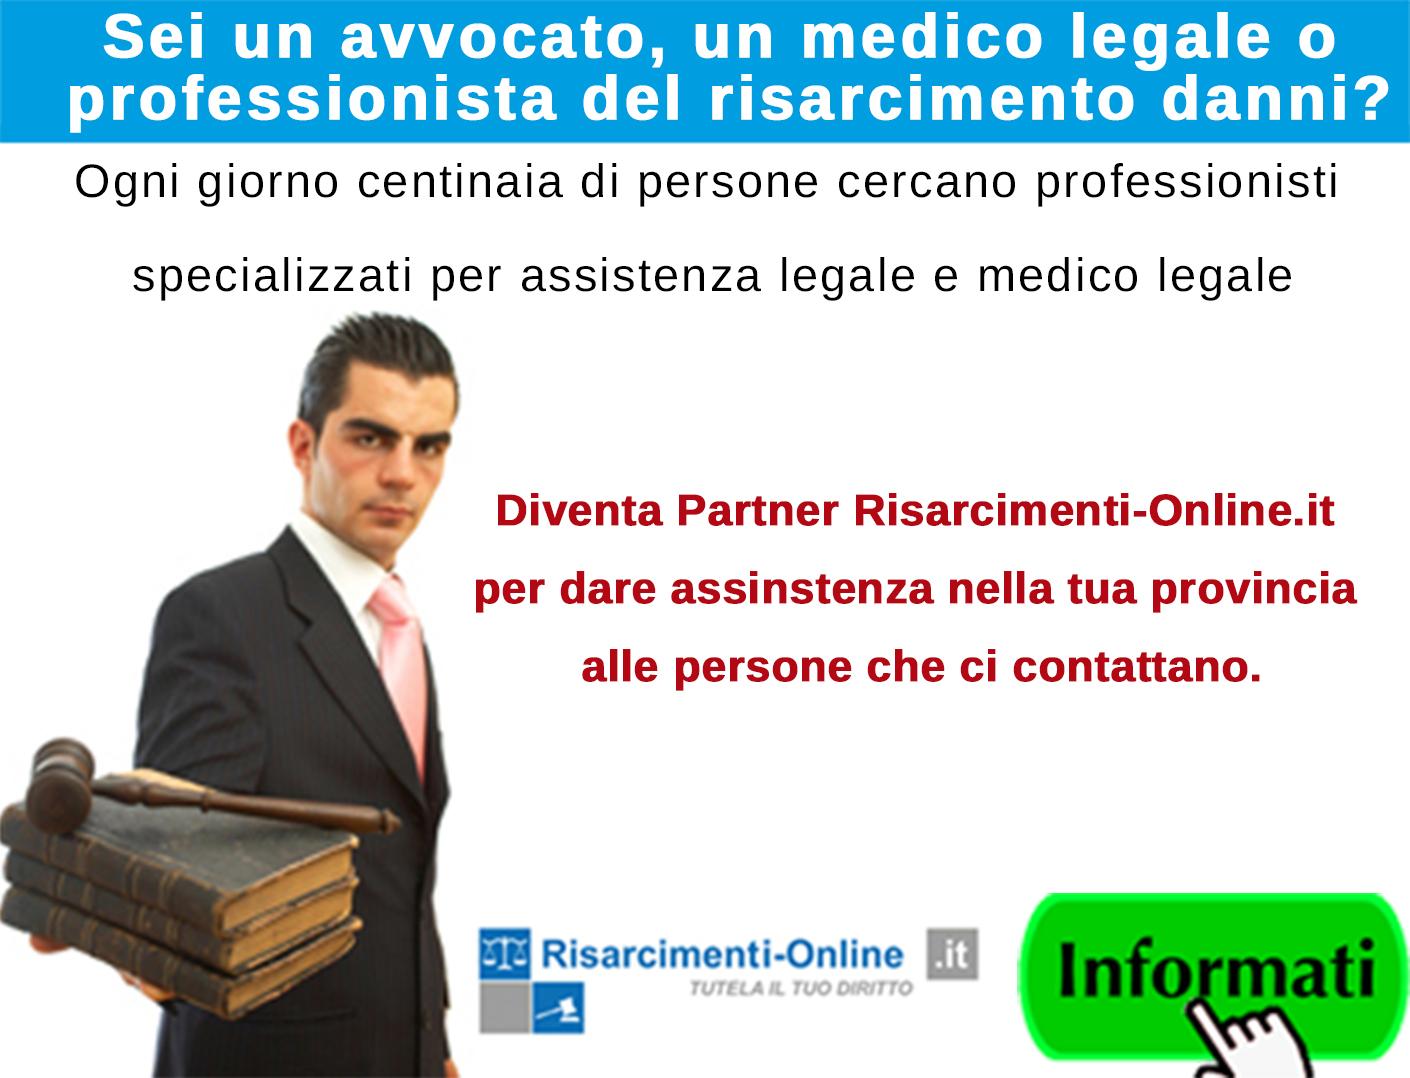 diventa-partner-promo-linkedin-b